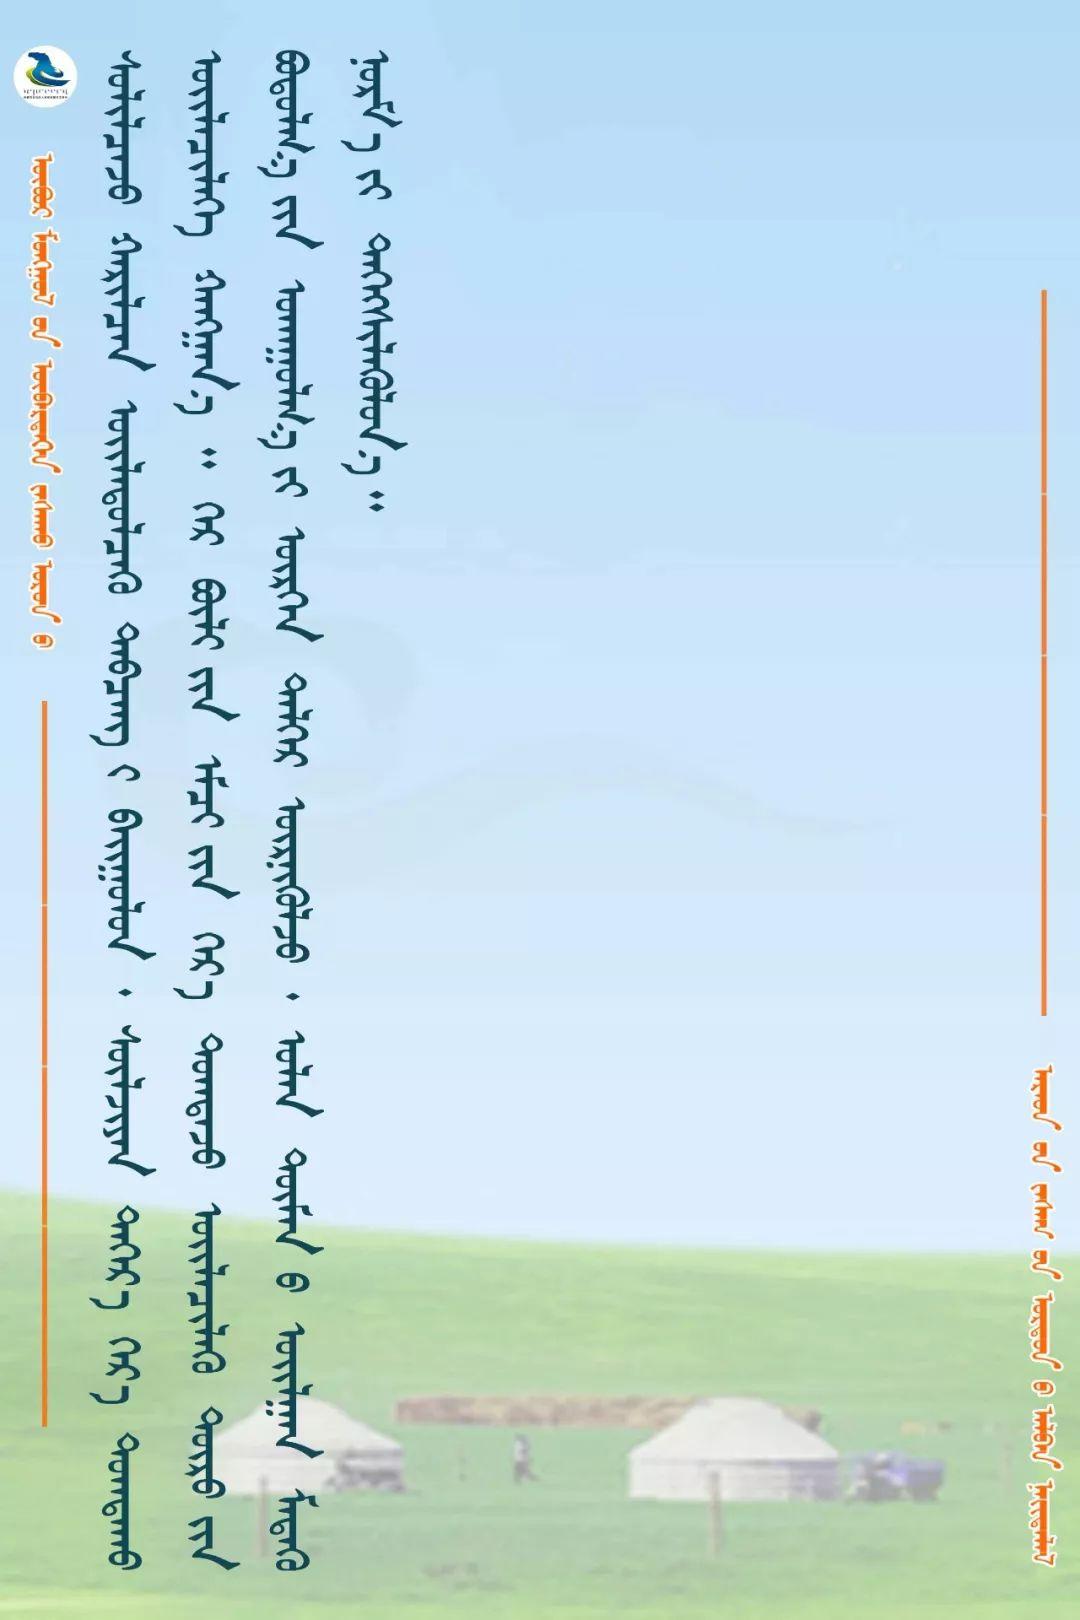 (蒙古文)贫困政策问答 第7张